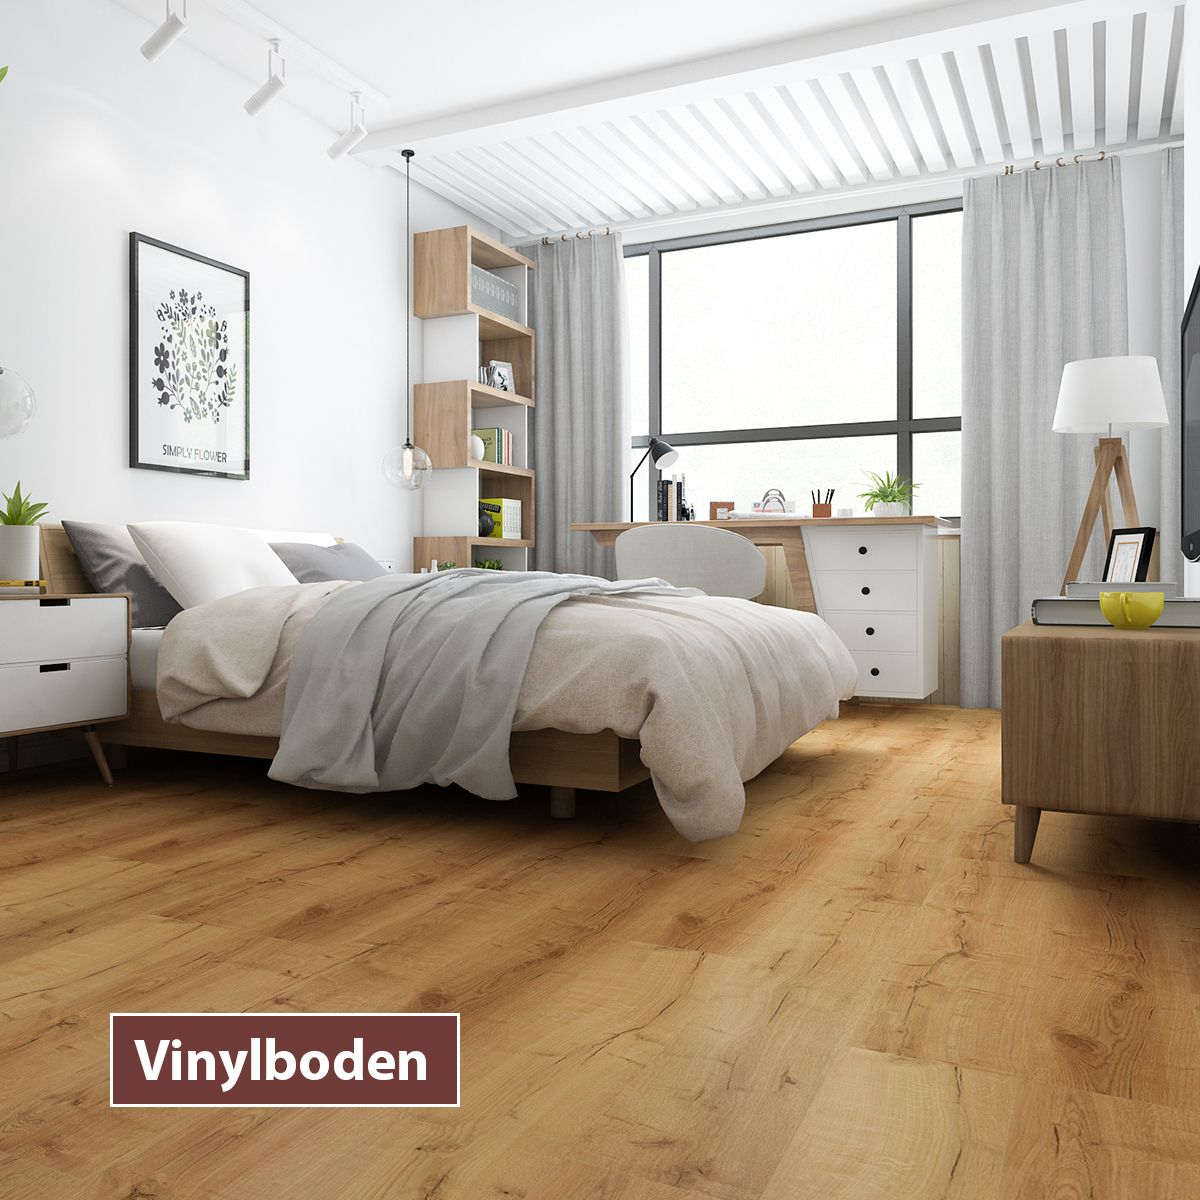 Vinylboden und Laminat – beide schön, aber sehr unterschiedlich